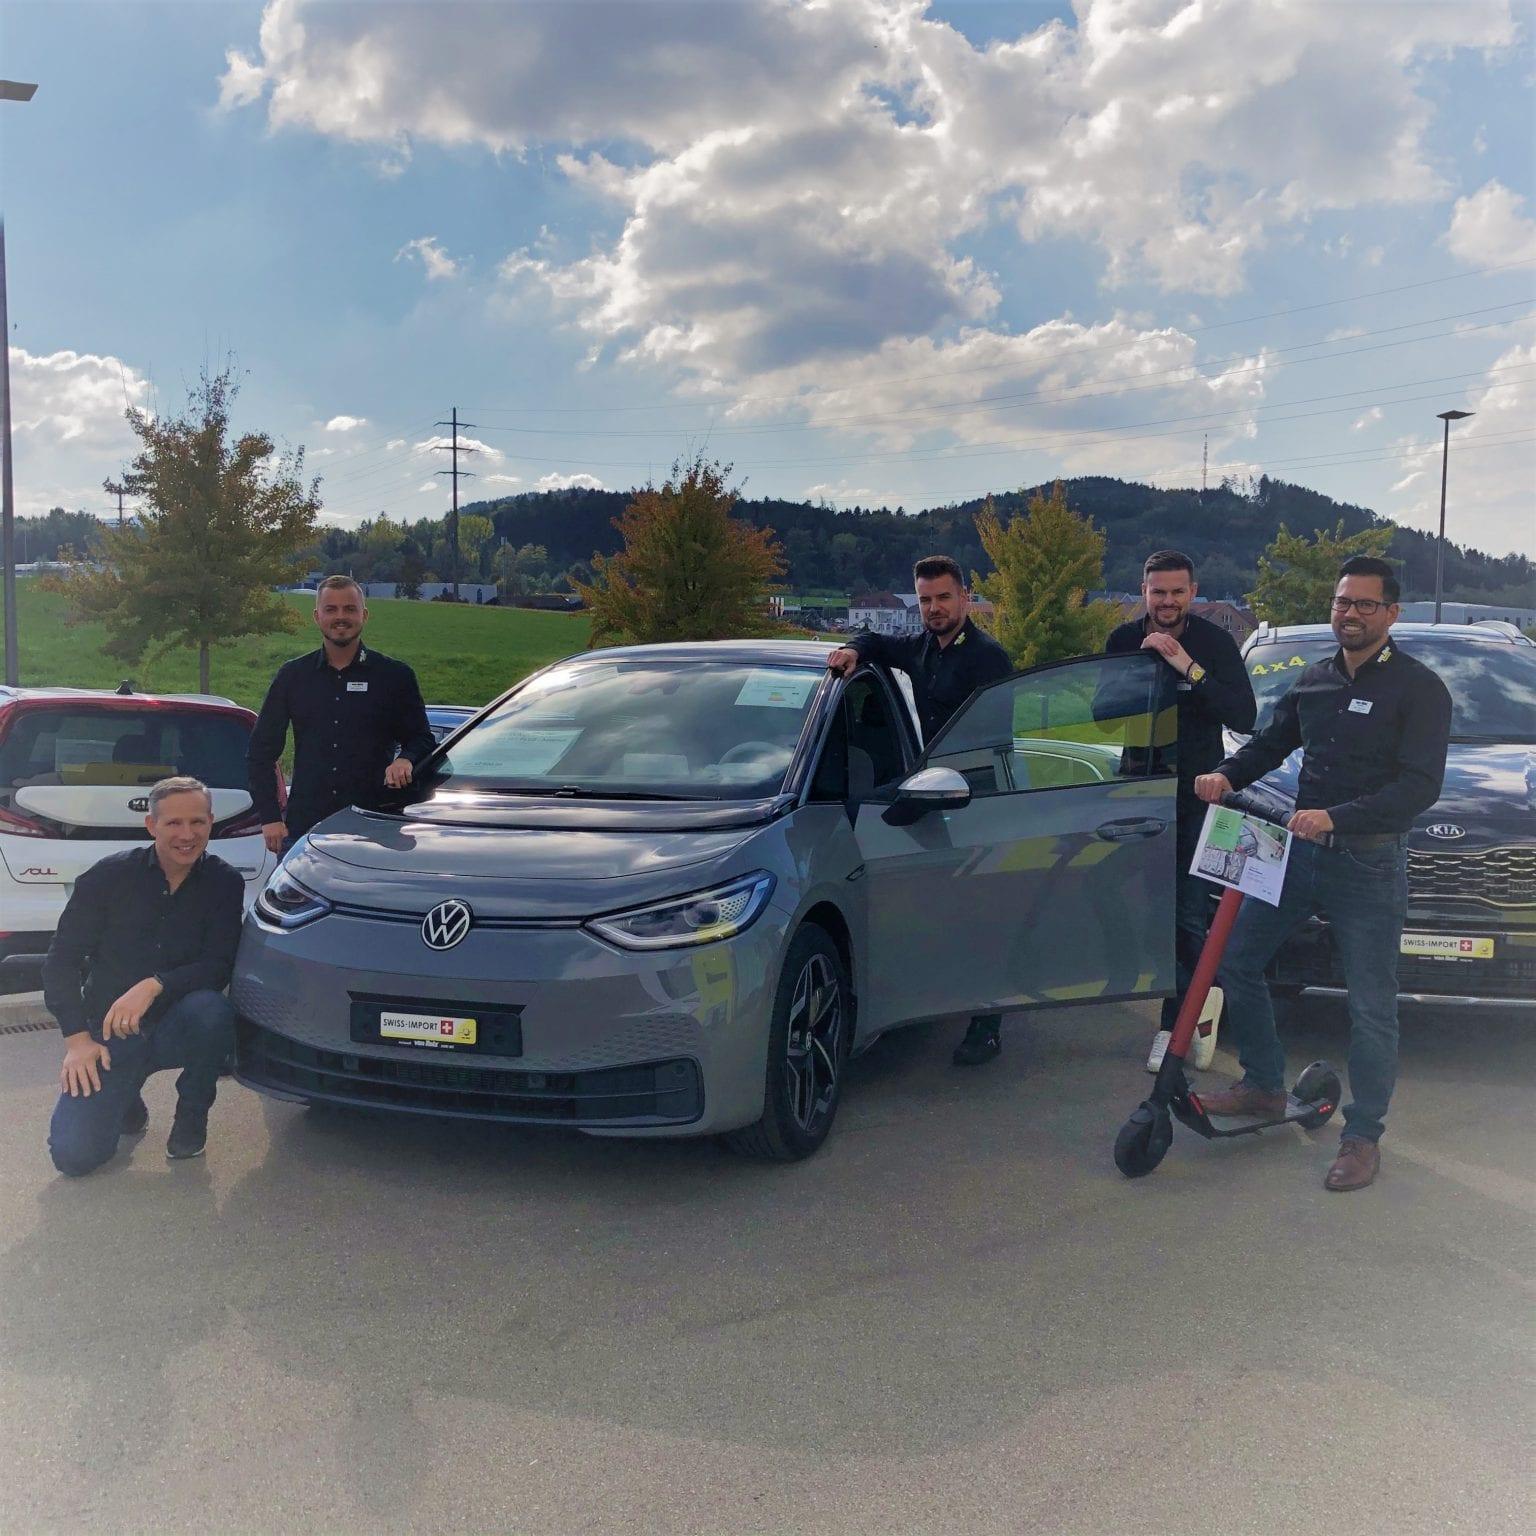 Elektro-Probefahrt-Tage bei der Auto Welt von Rotz AG - am 31.Oktober ist es wieder so weit! - Auto Welt von Rotz AG